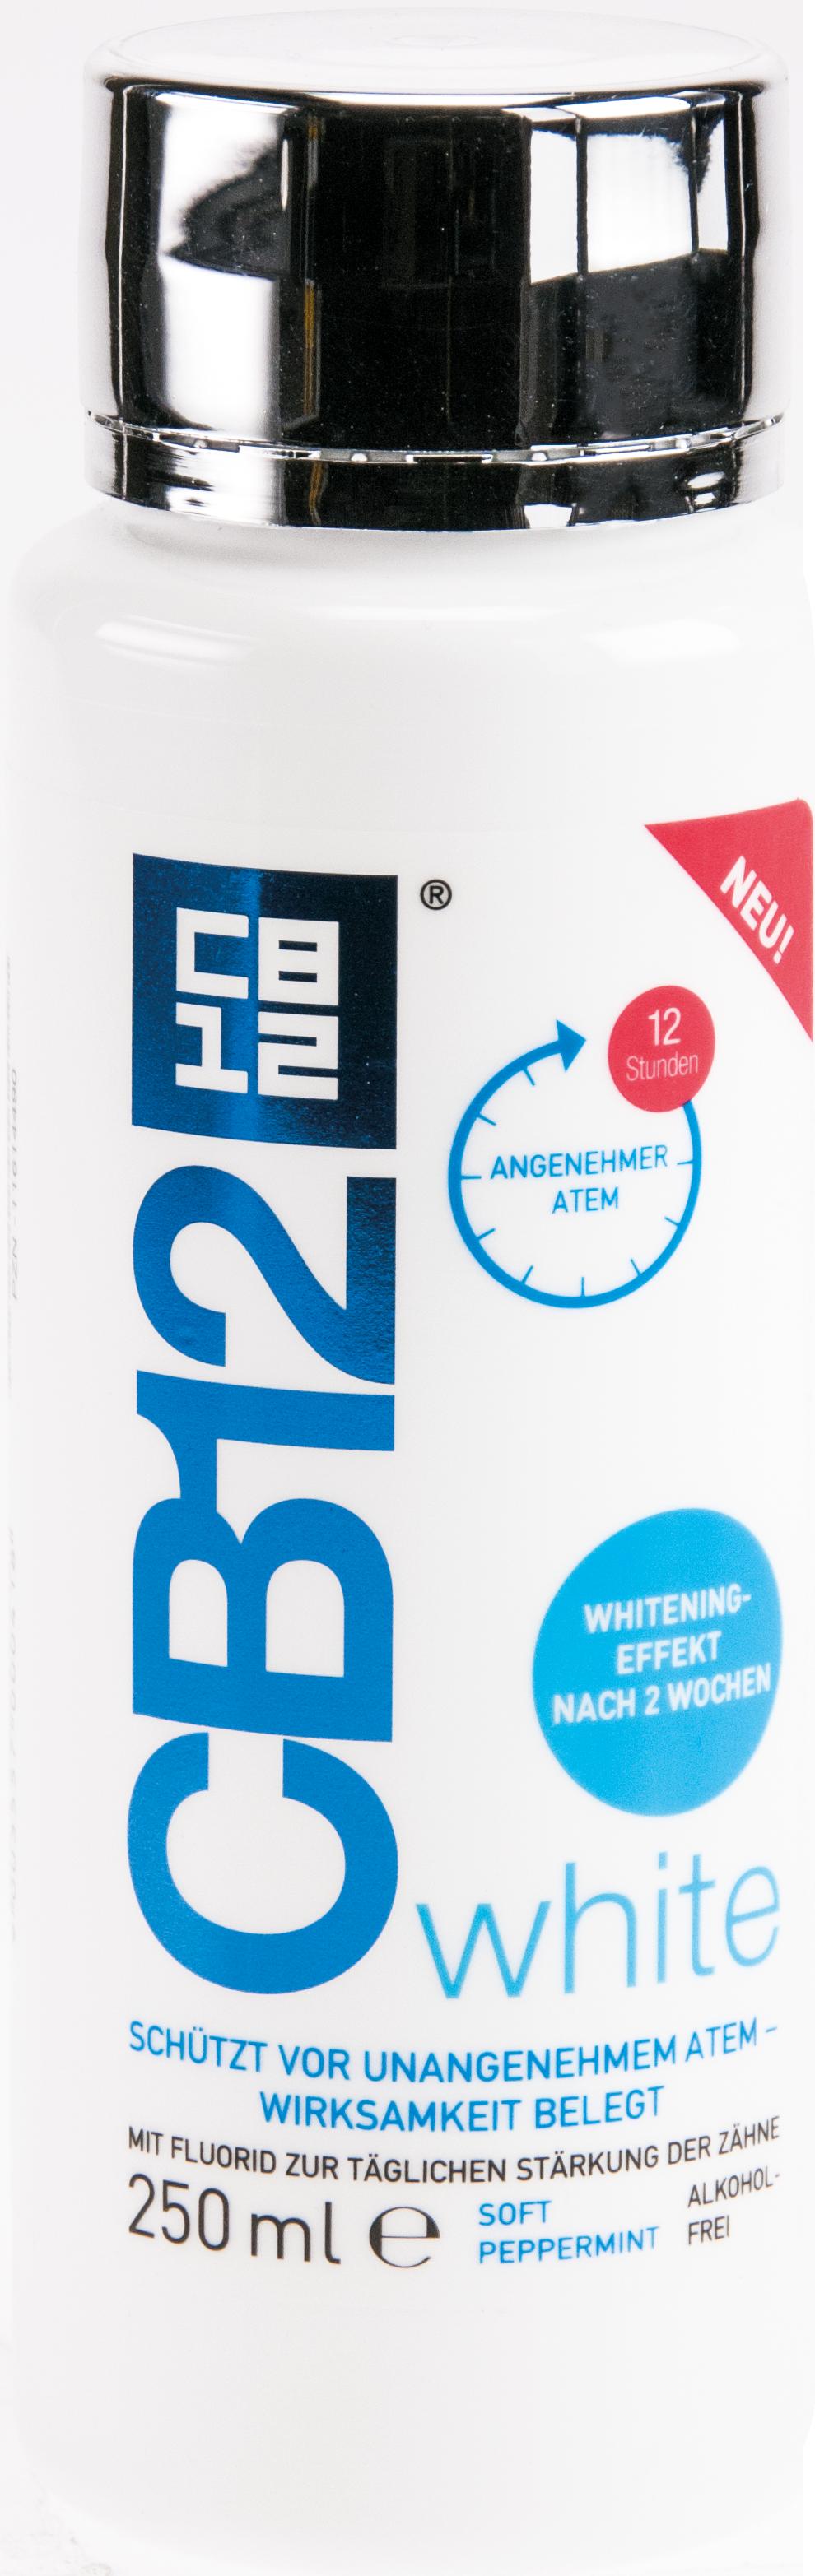 CB12 White